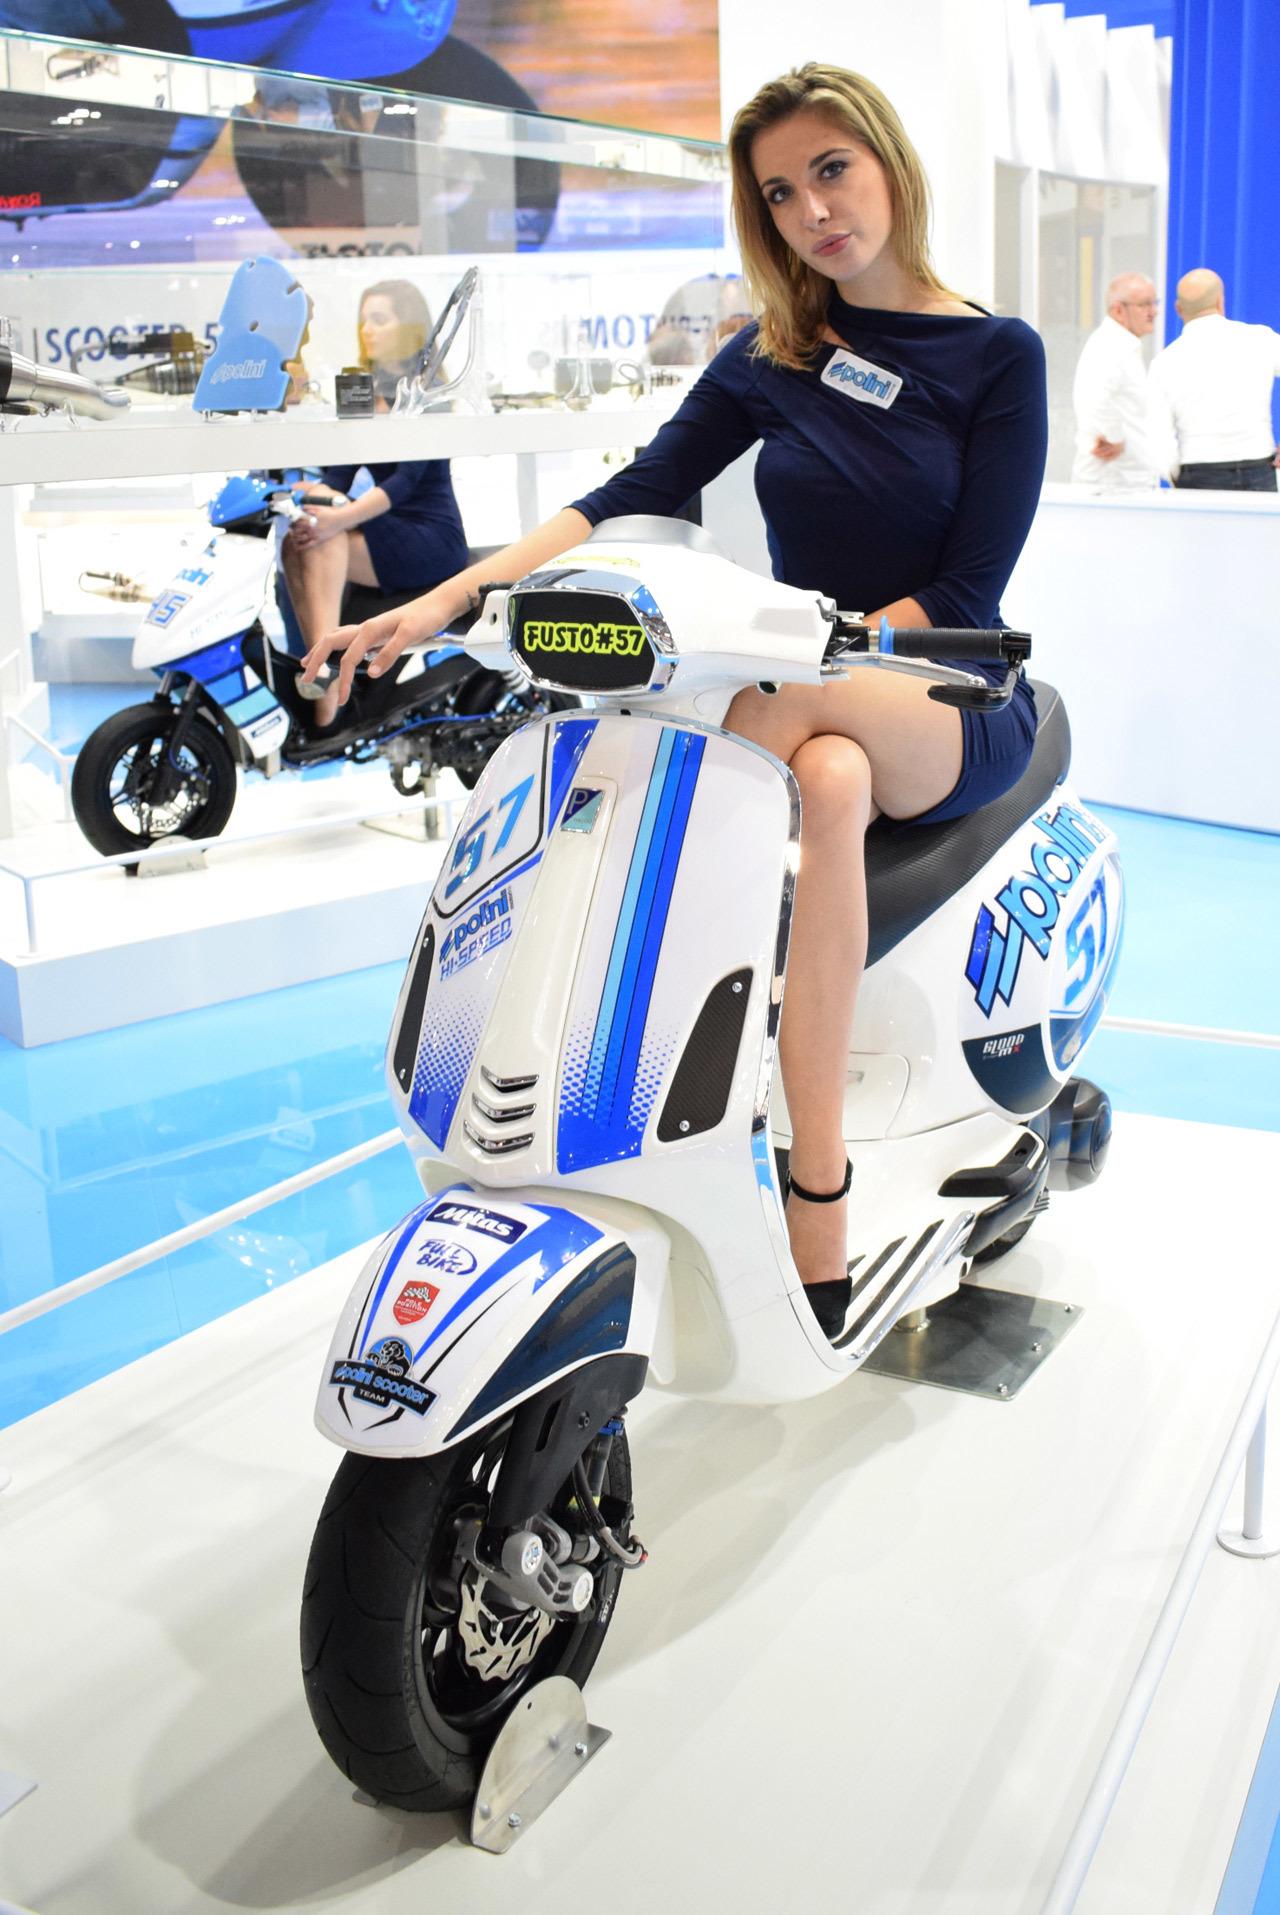 バイク天国☆イタリアの旅 EICMA会場の様子 その3_d0099181_19030512.jpg